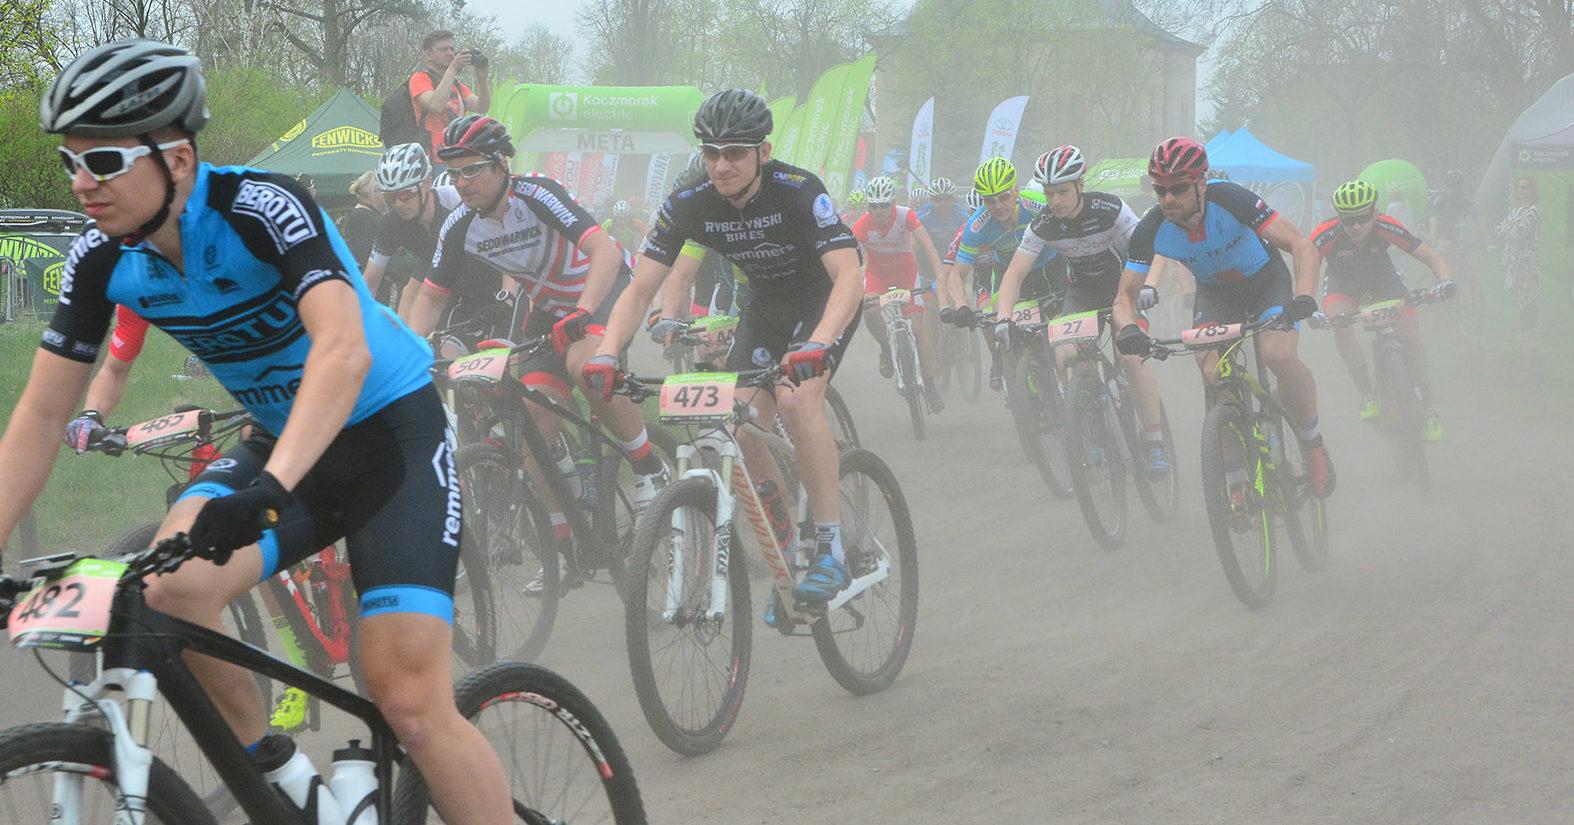 Michał Górniak (Rybczyński Bikes Remmers TP-Link) – Syngenta Koronowo Challenge, Koronowo / Kaczmarek Electric MTB, Rydzyna